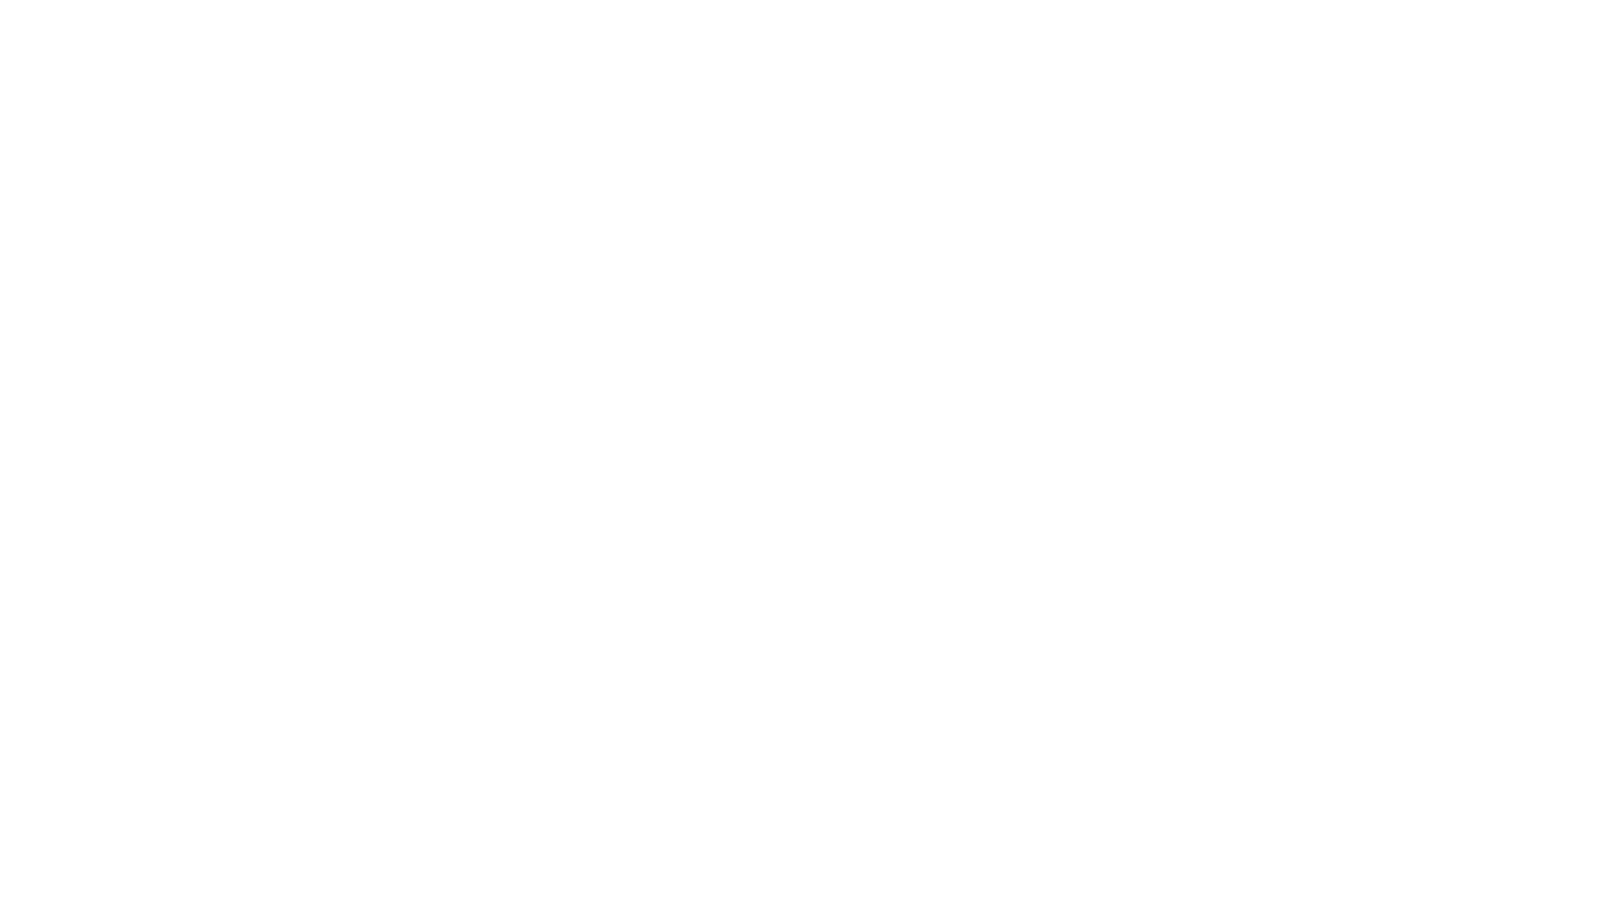 A la découverte du collier sautoir au crochet Constellation : ma création faite au crochet avec du fil métallisé et des perles de verre de Bohême. Disponibles sur by-edith.com